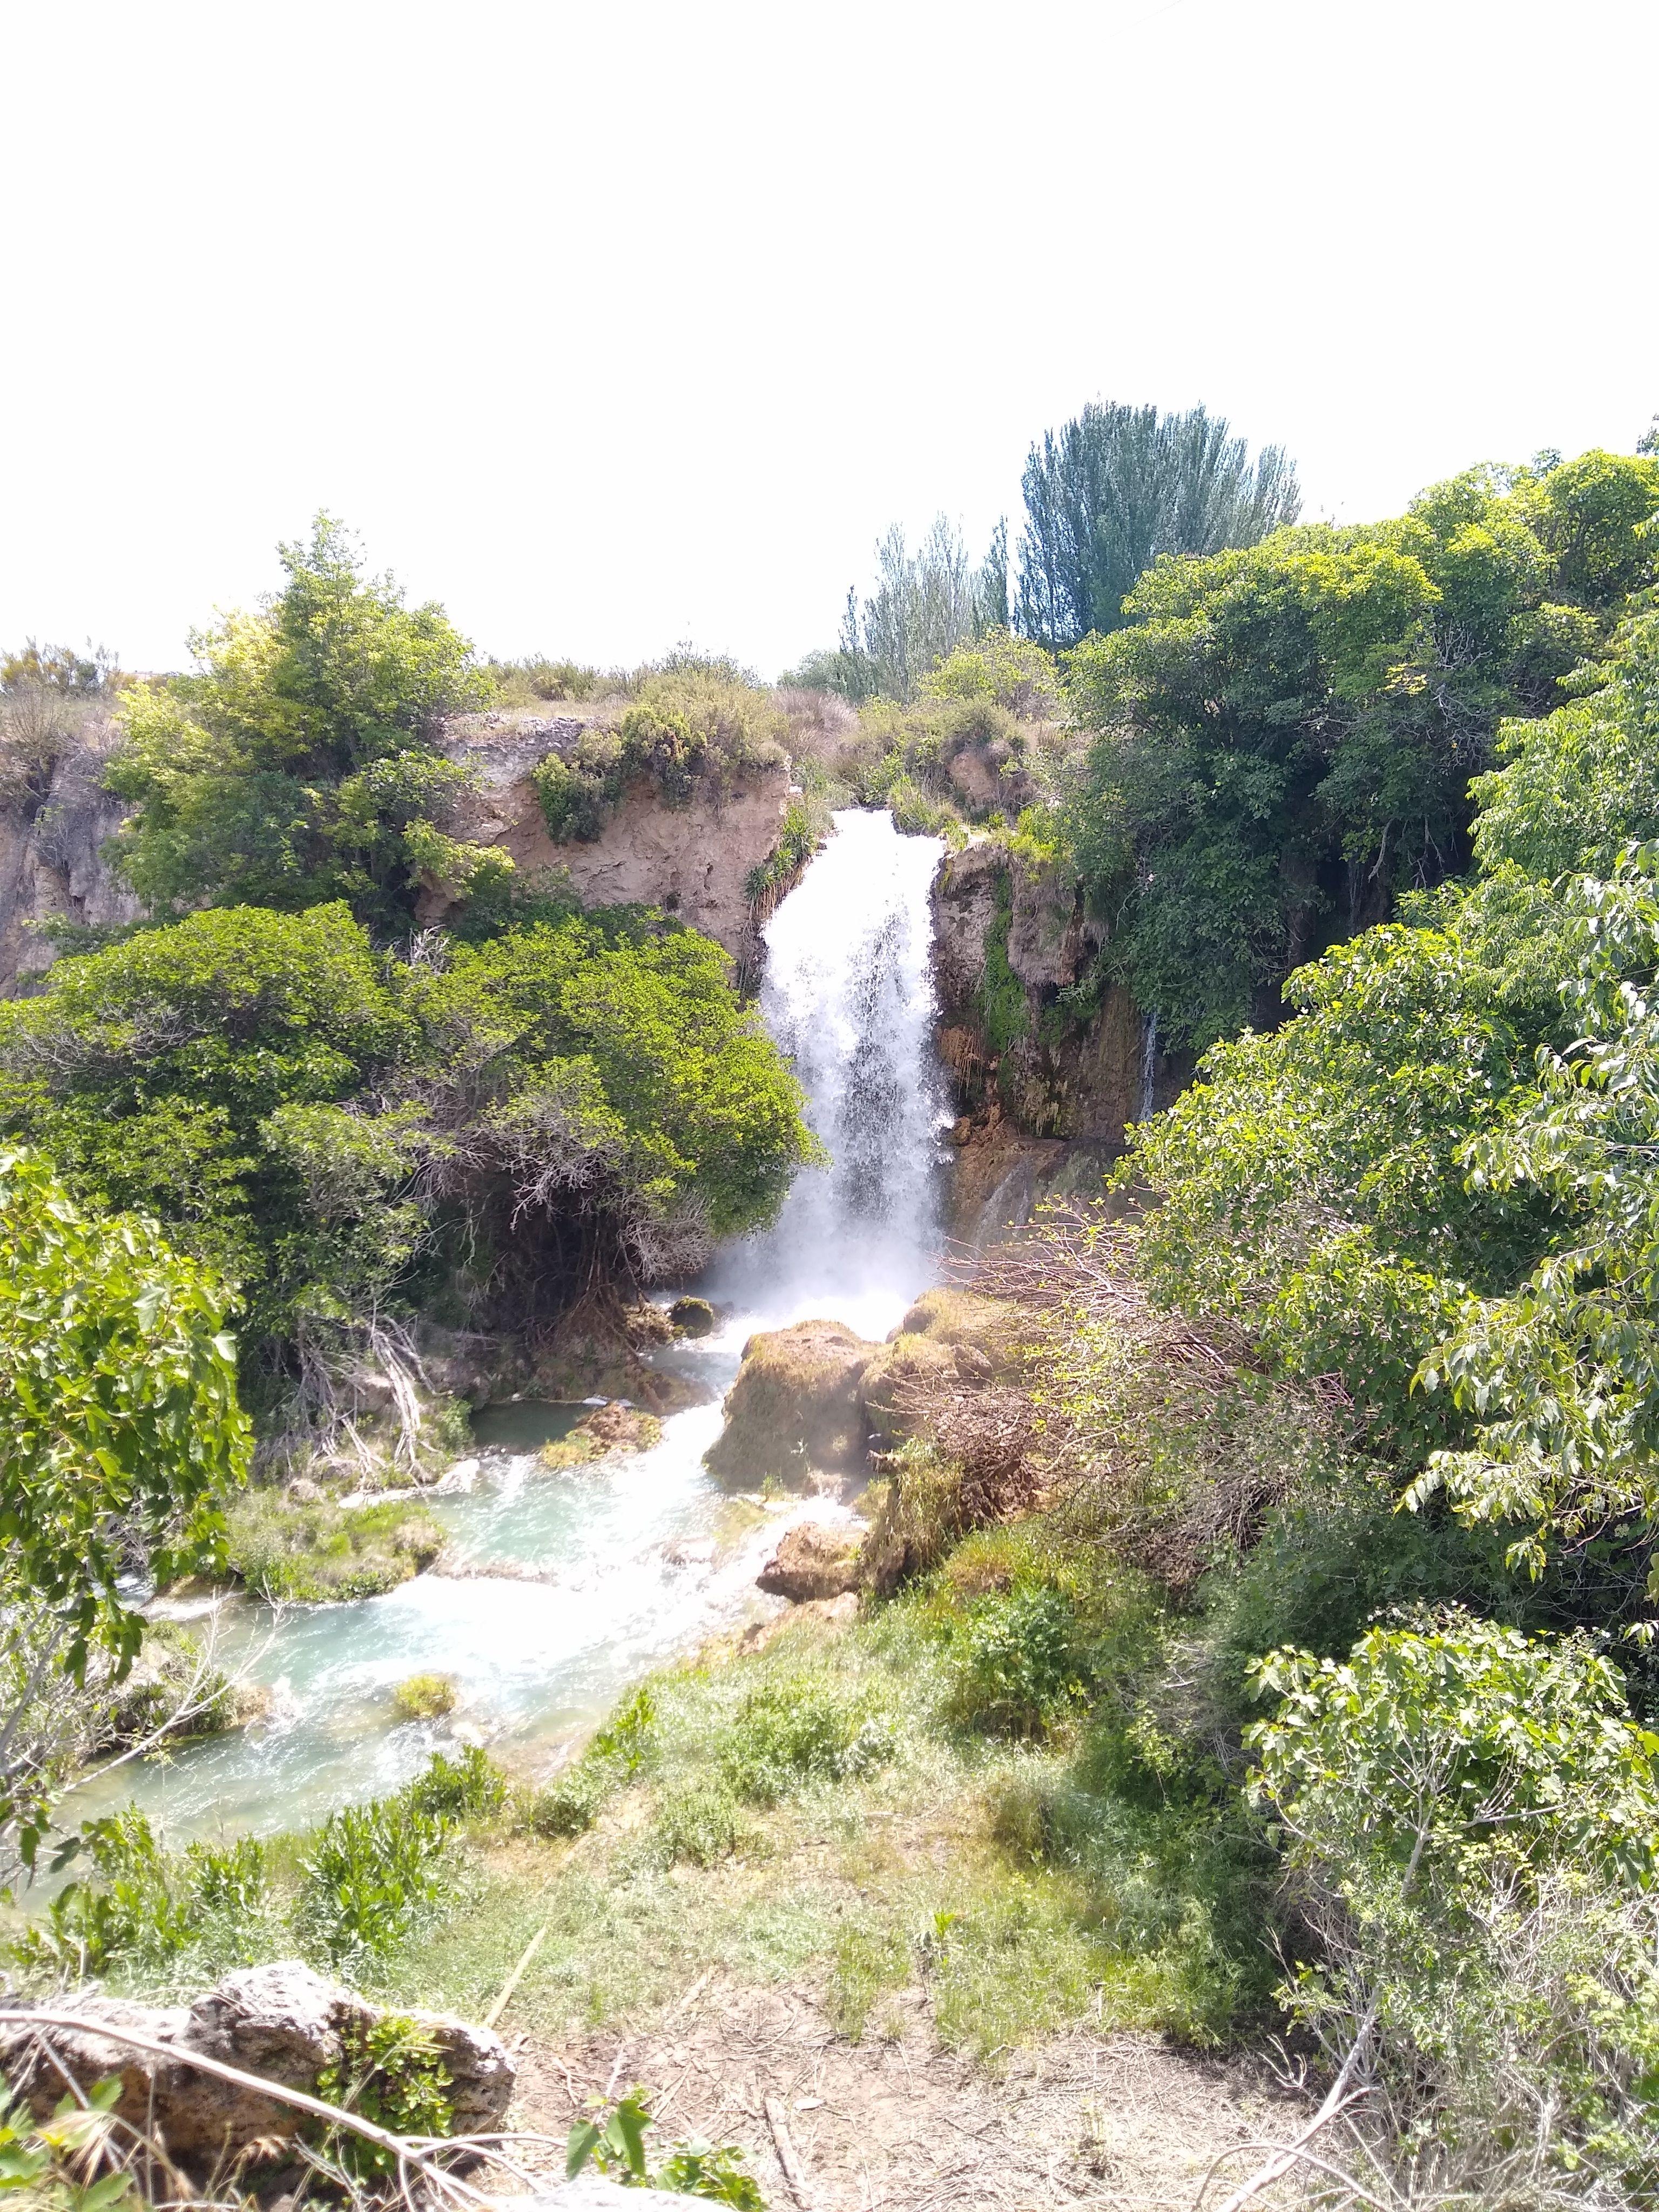 Preciosa cascada rodeada de vegetación. Entre lo exuberante de su entorno y sus aguas turquesas, da la sensación de que estemos en un entorno tropical